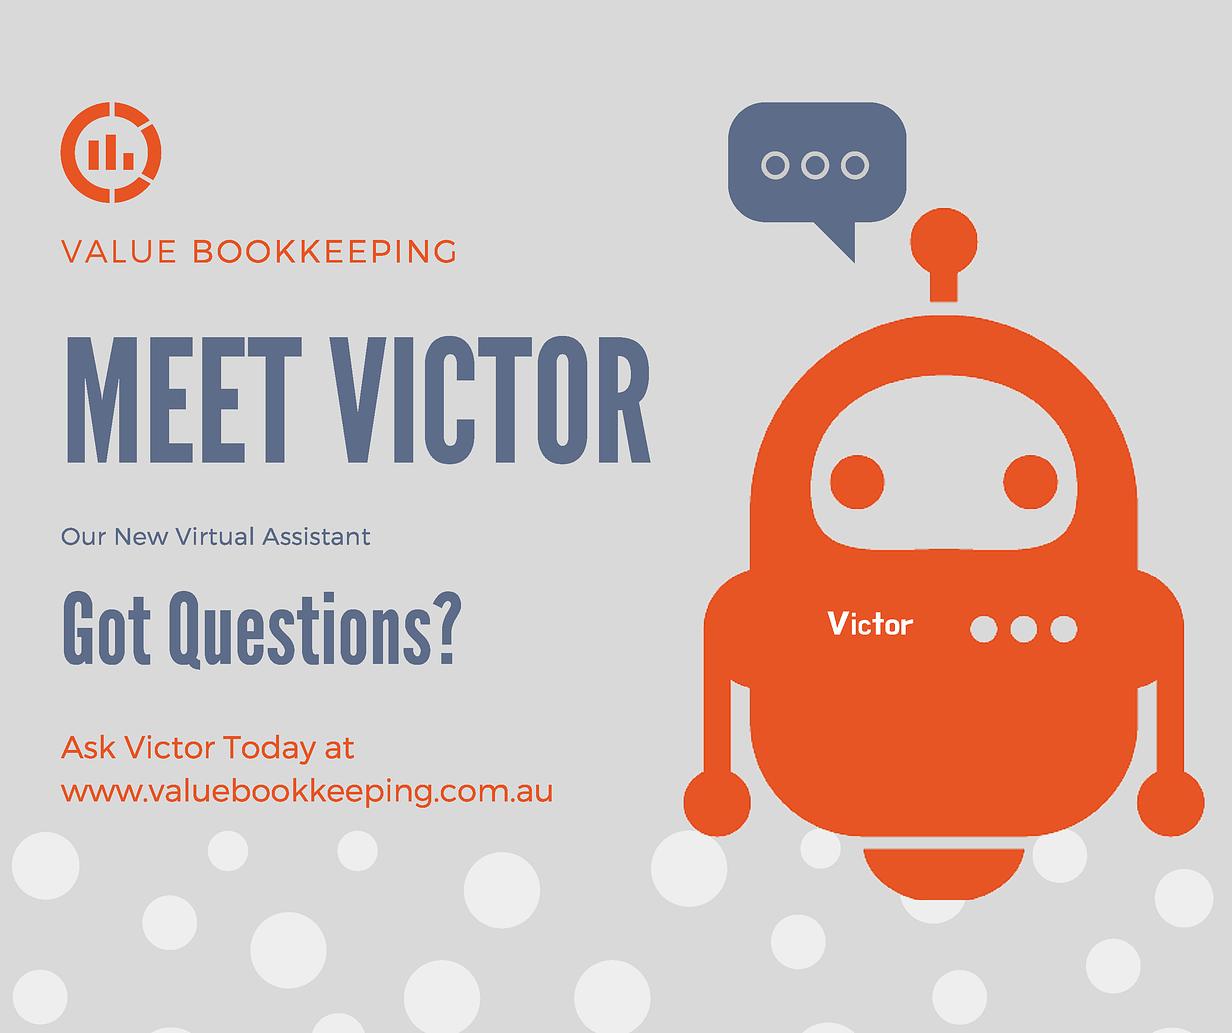 Meet Victor